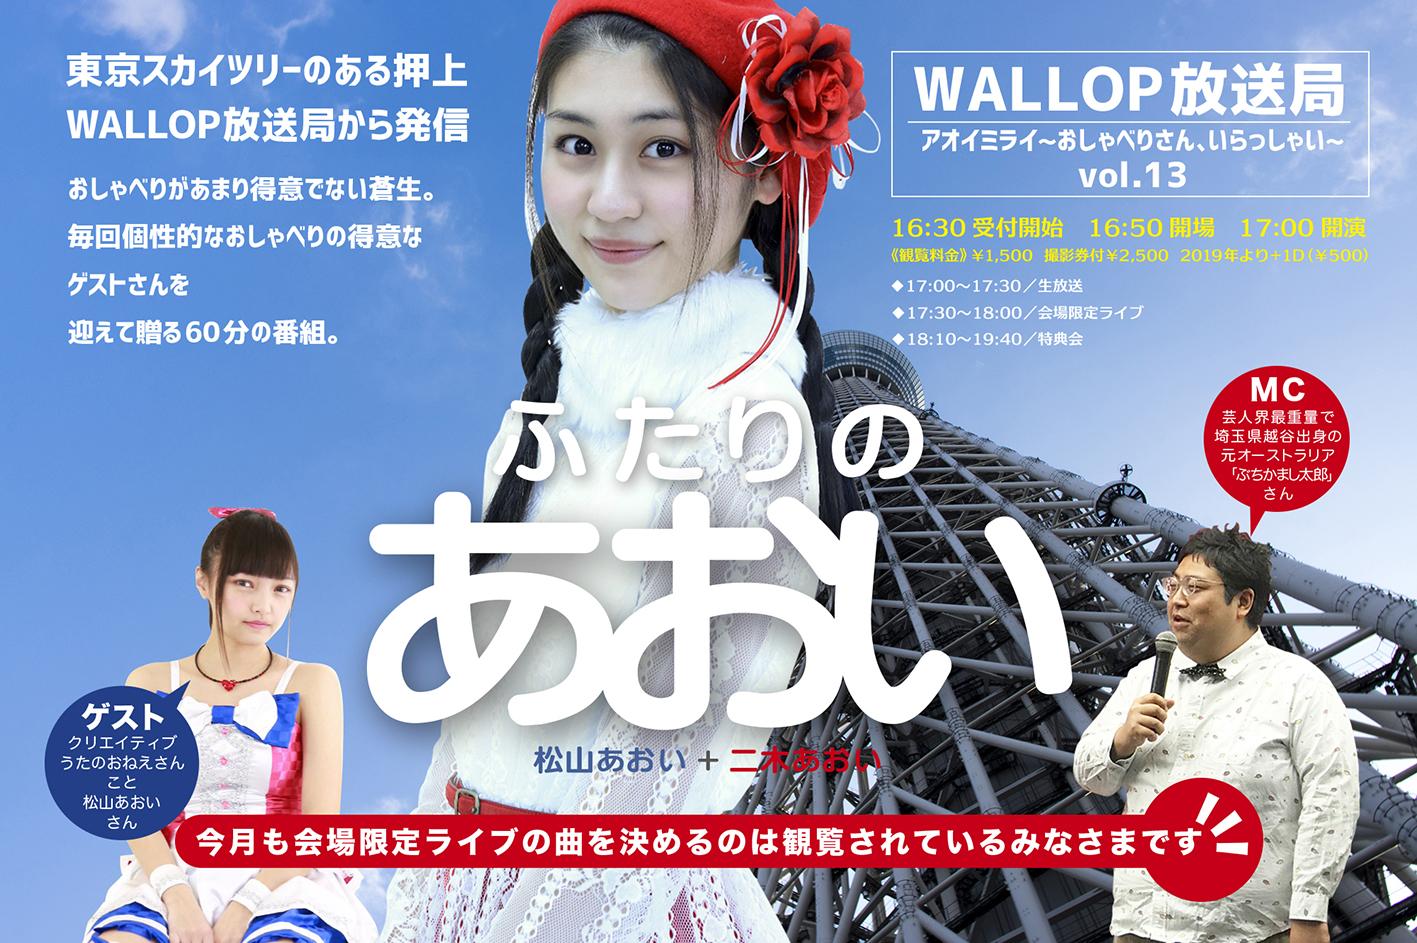 2/24(日)WALLOP「アオイミライ」〜おしゃべりさん、いらっしゃい〜vol.13